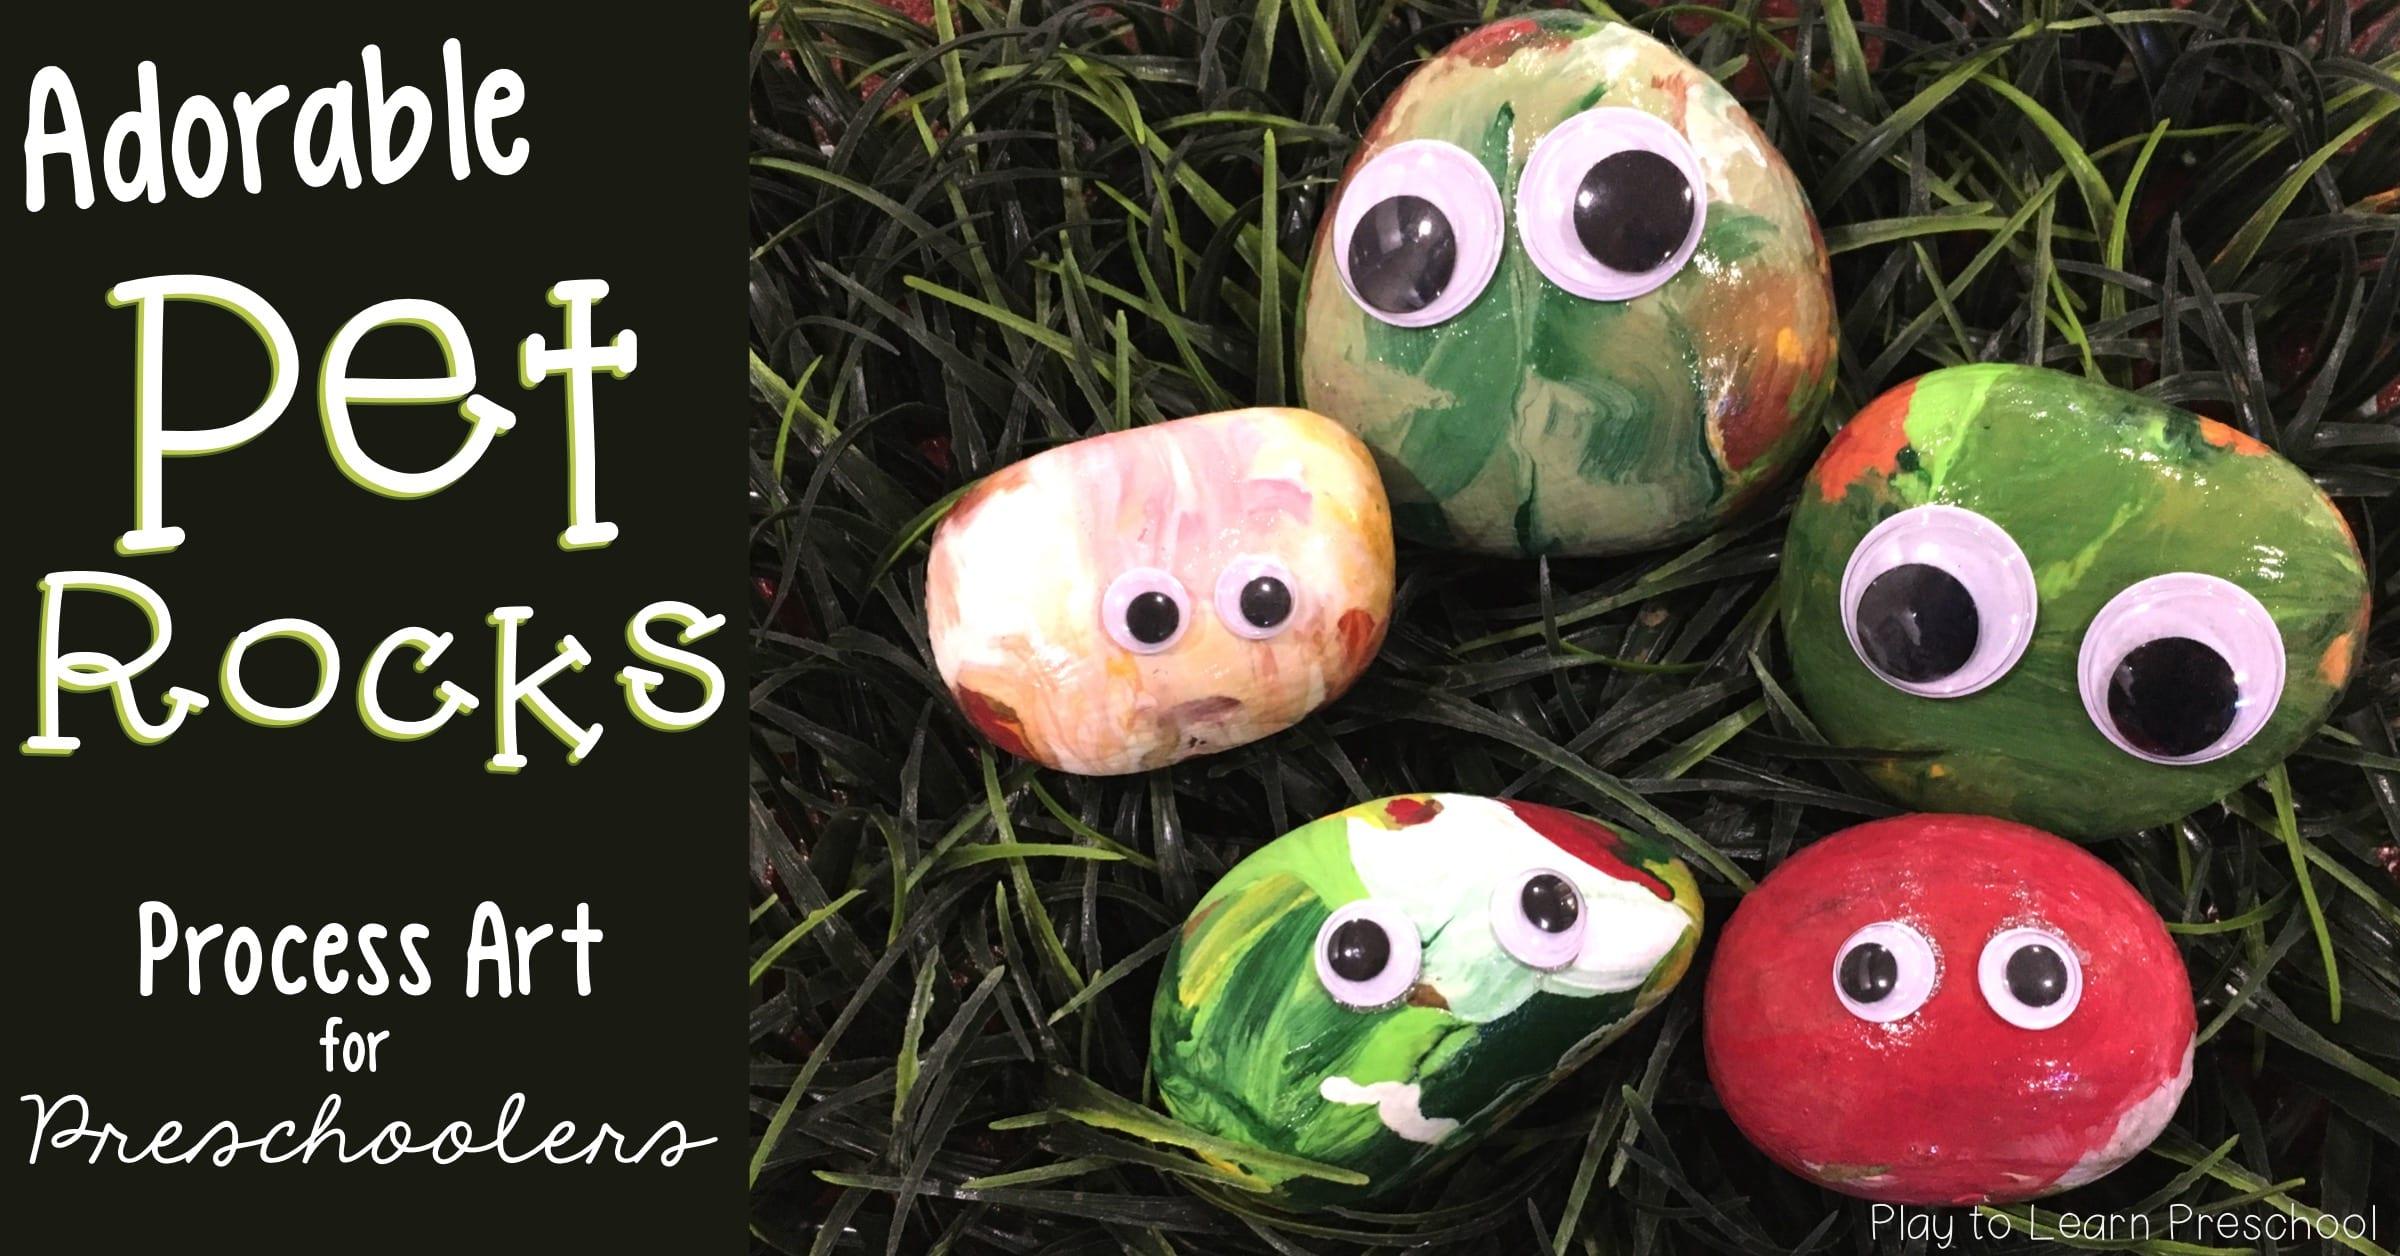 Pet Rock Process Art Project for preschoolers